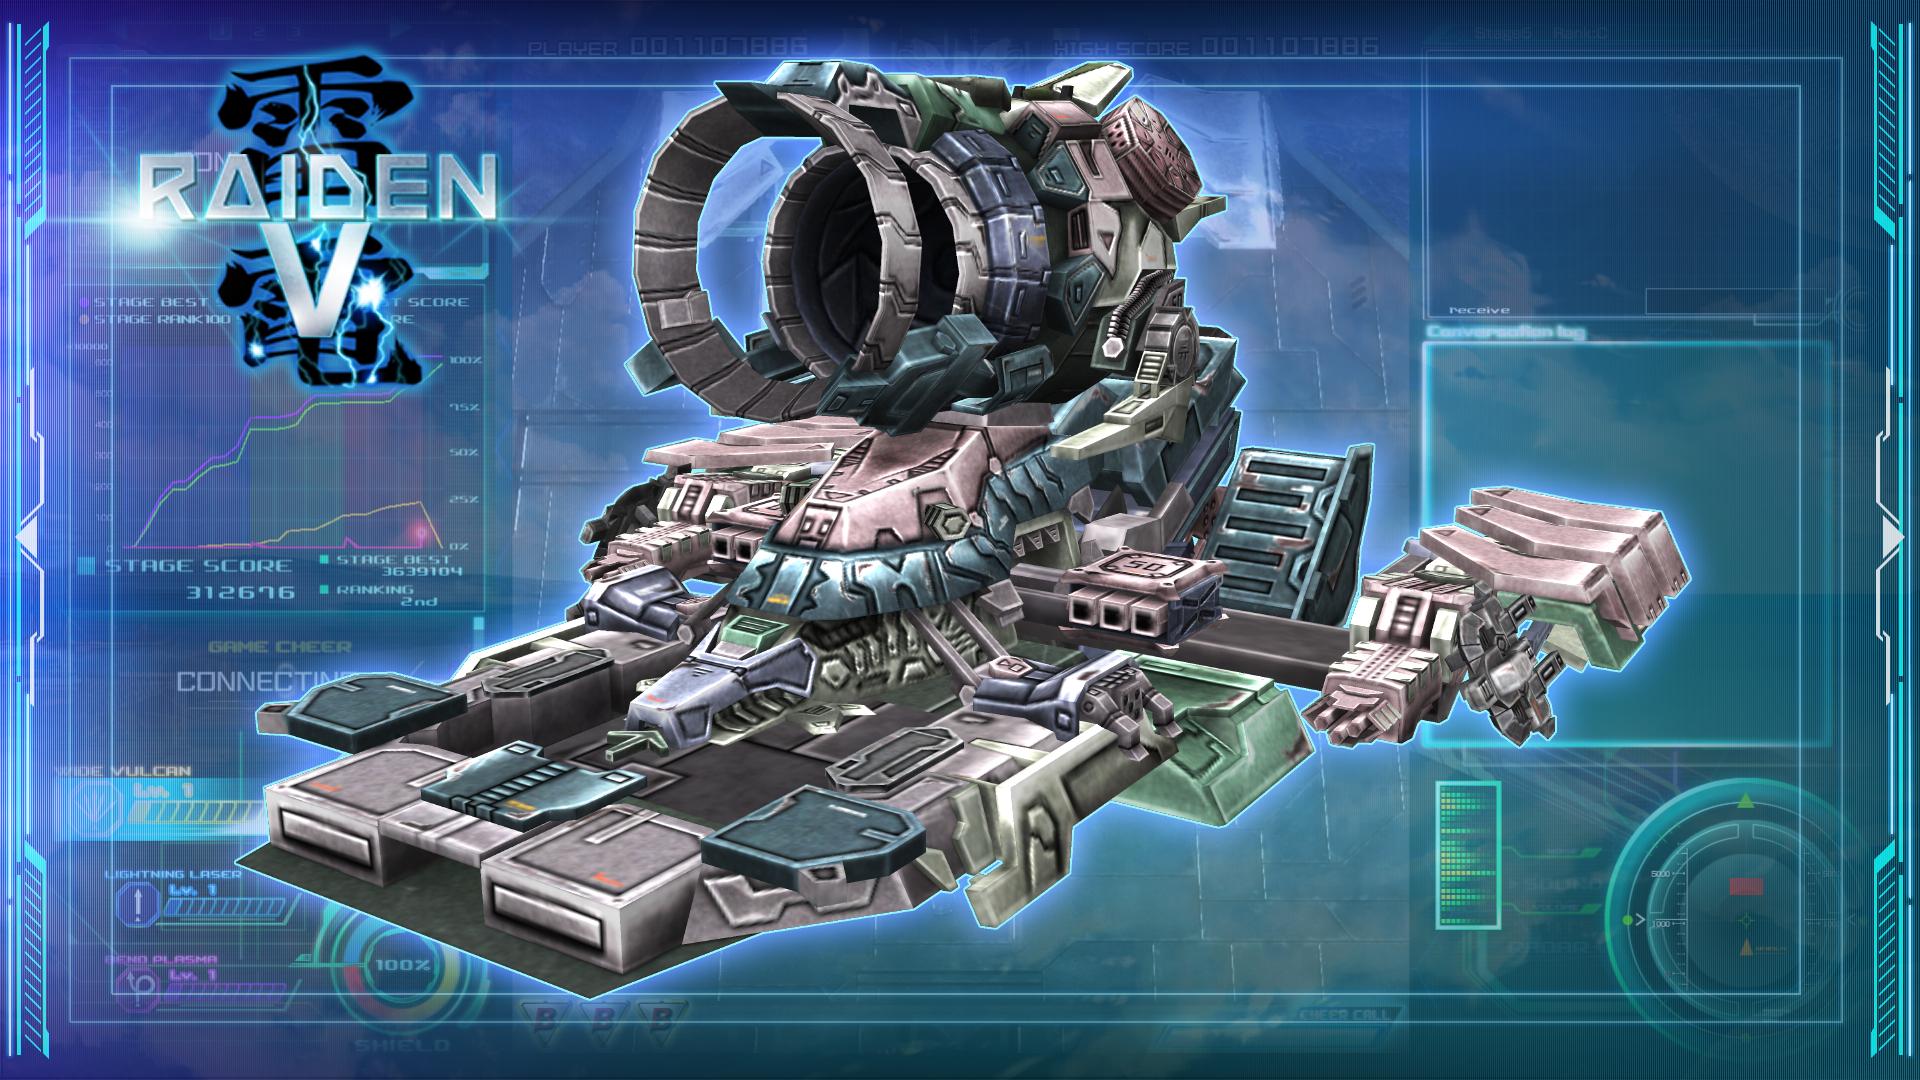 オペレーション5 ステージ5ボス撃破 achievement for Raiden V on Xbox One